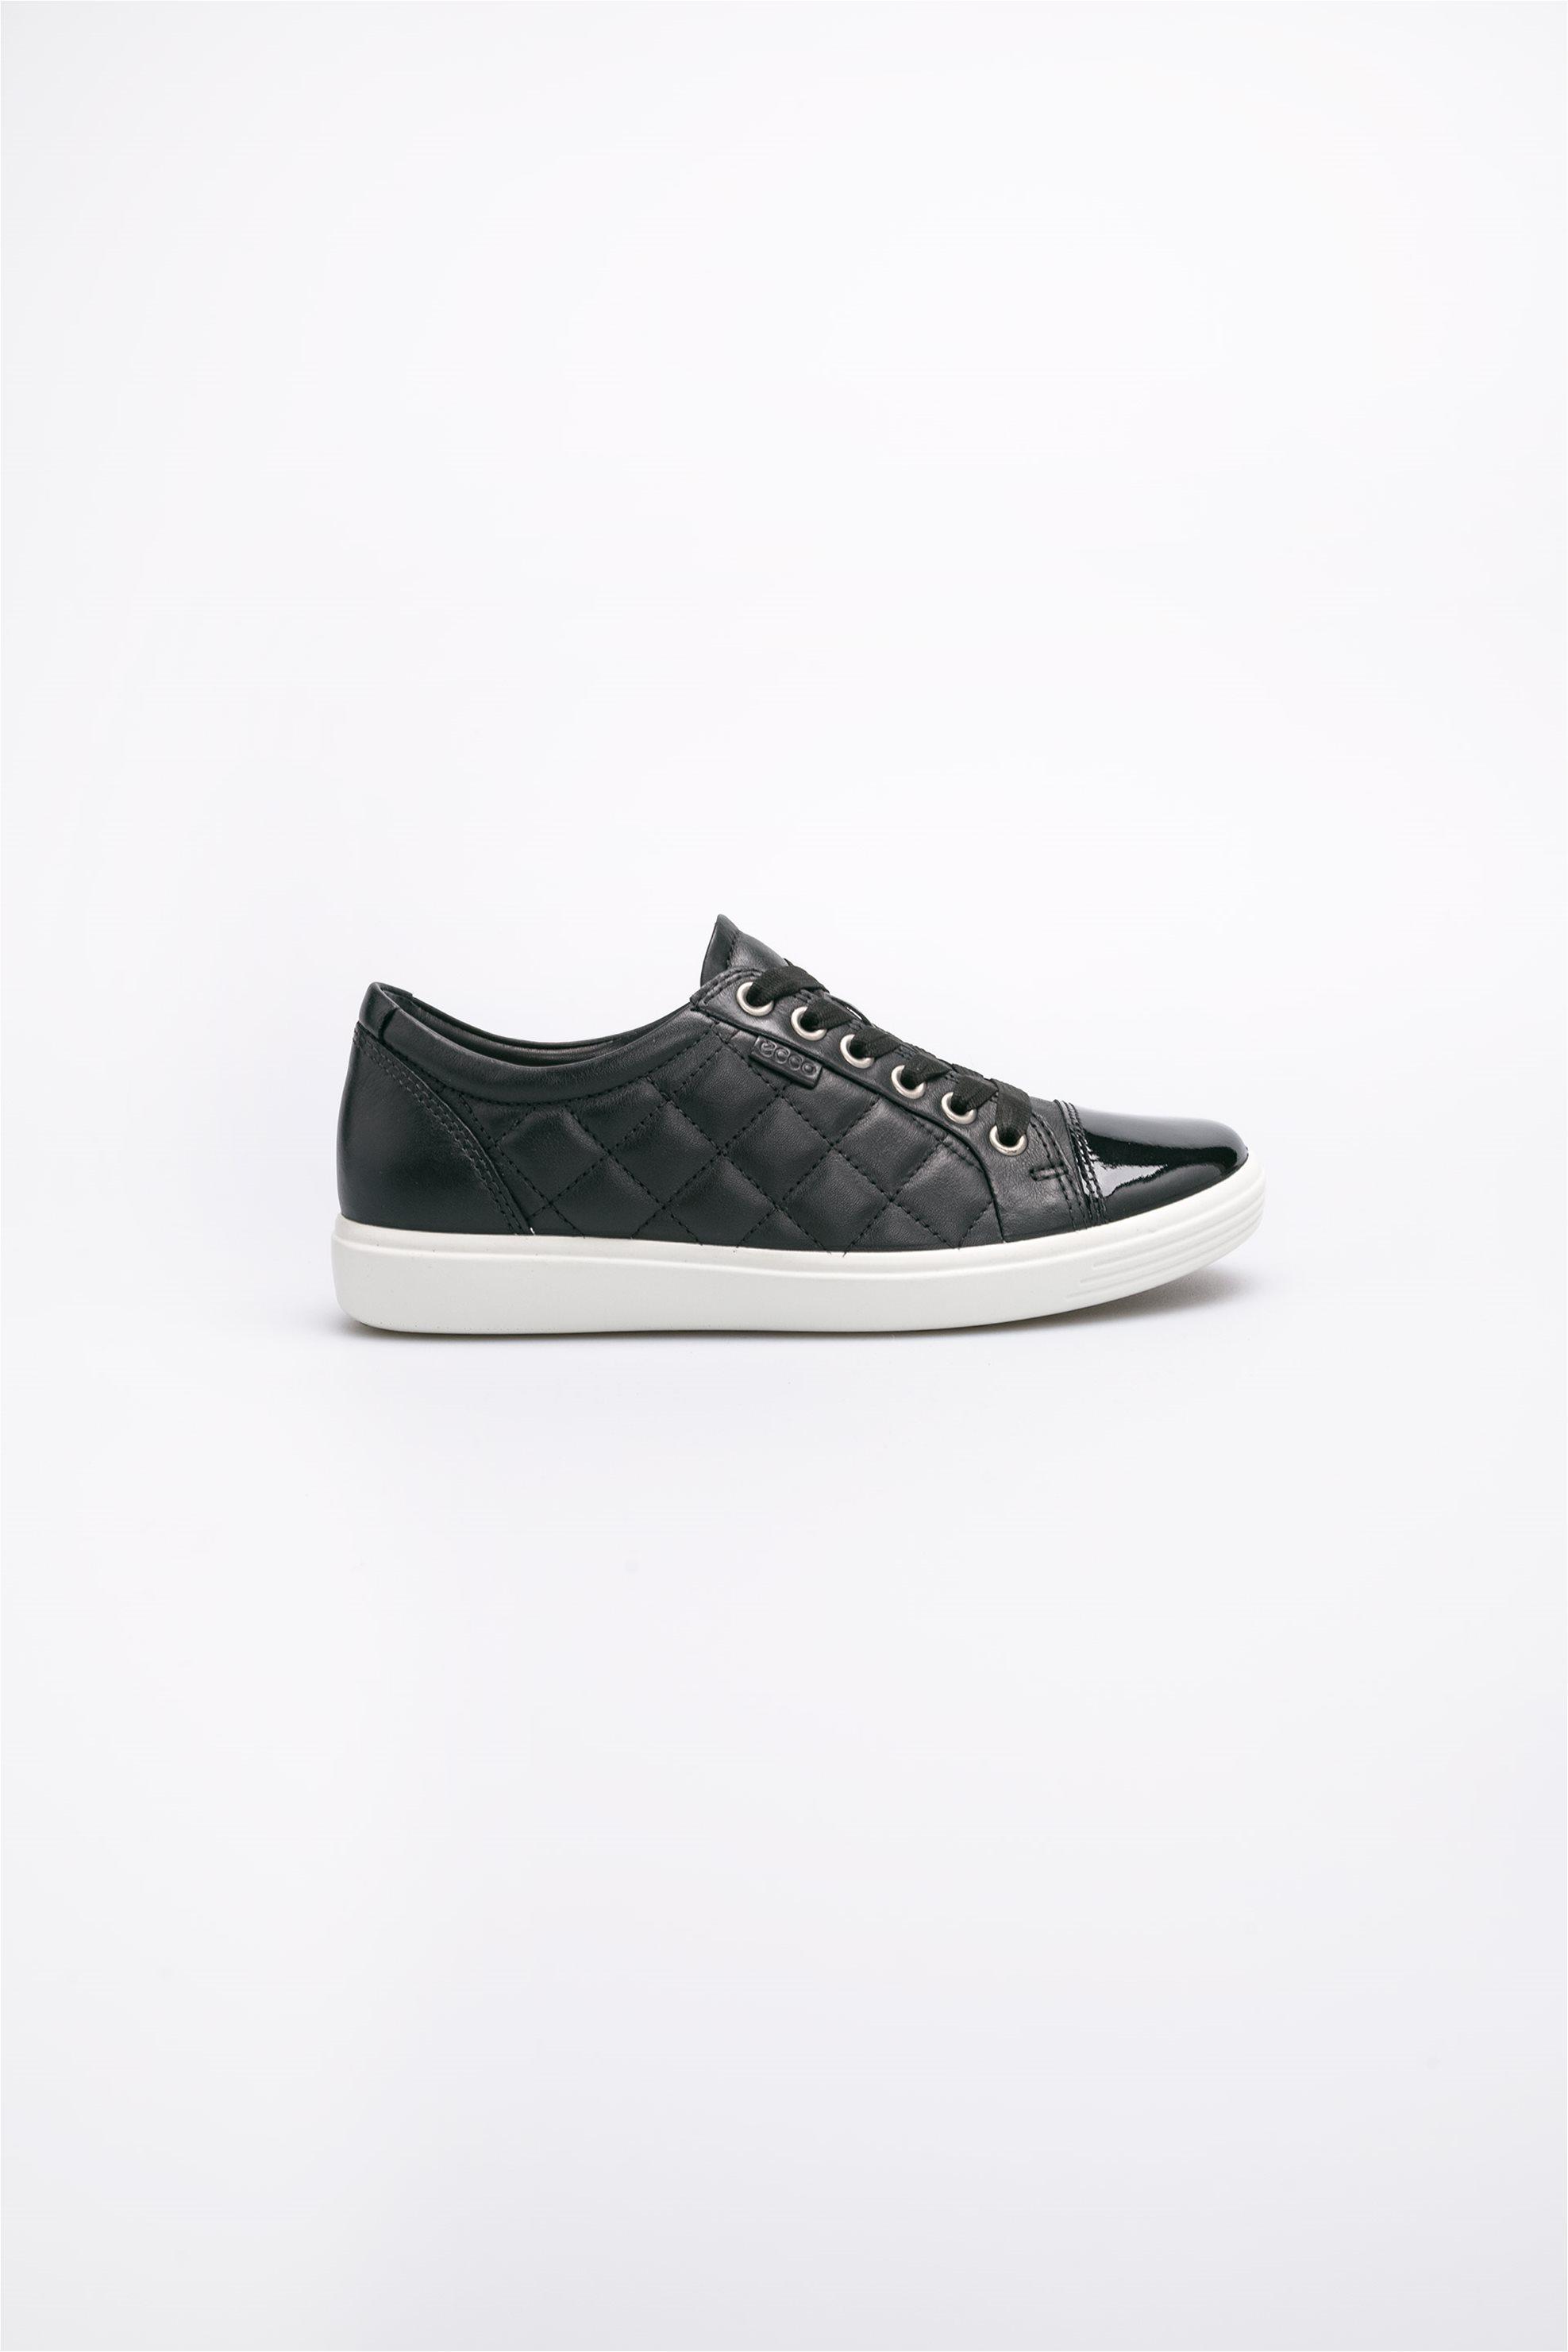 Γυναικεία παπούτσια ECCO - 430083 - Μαύρο